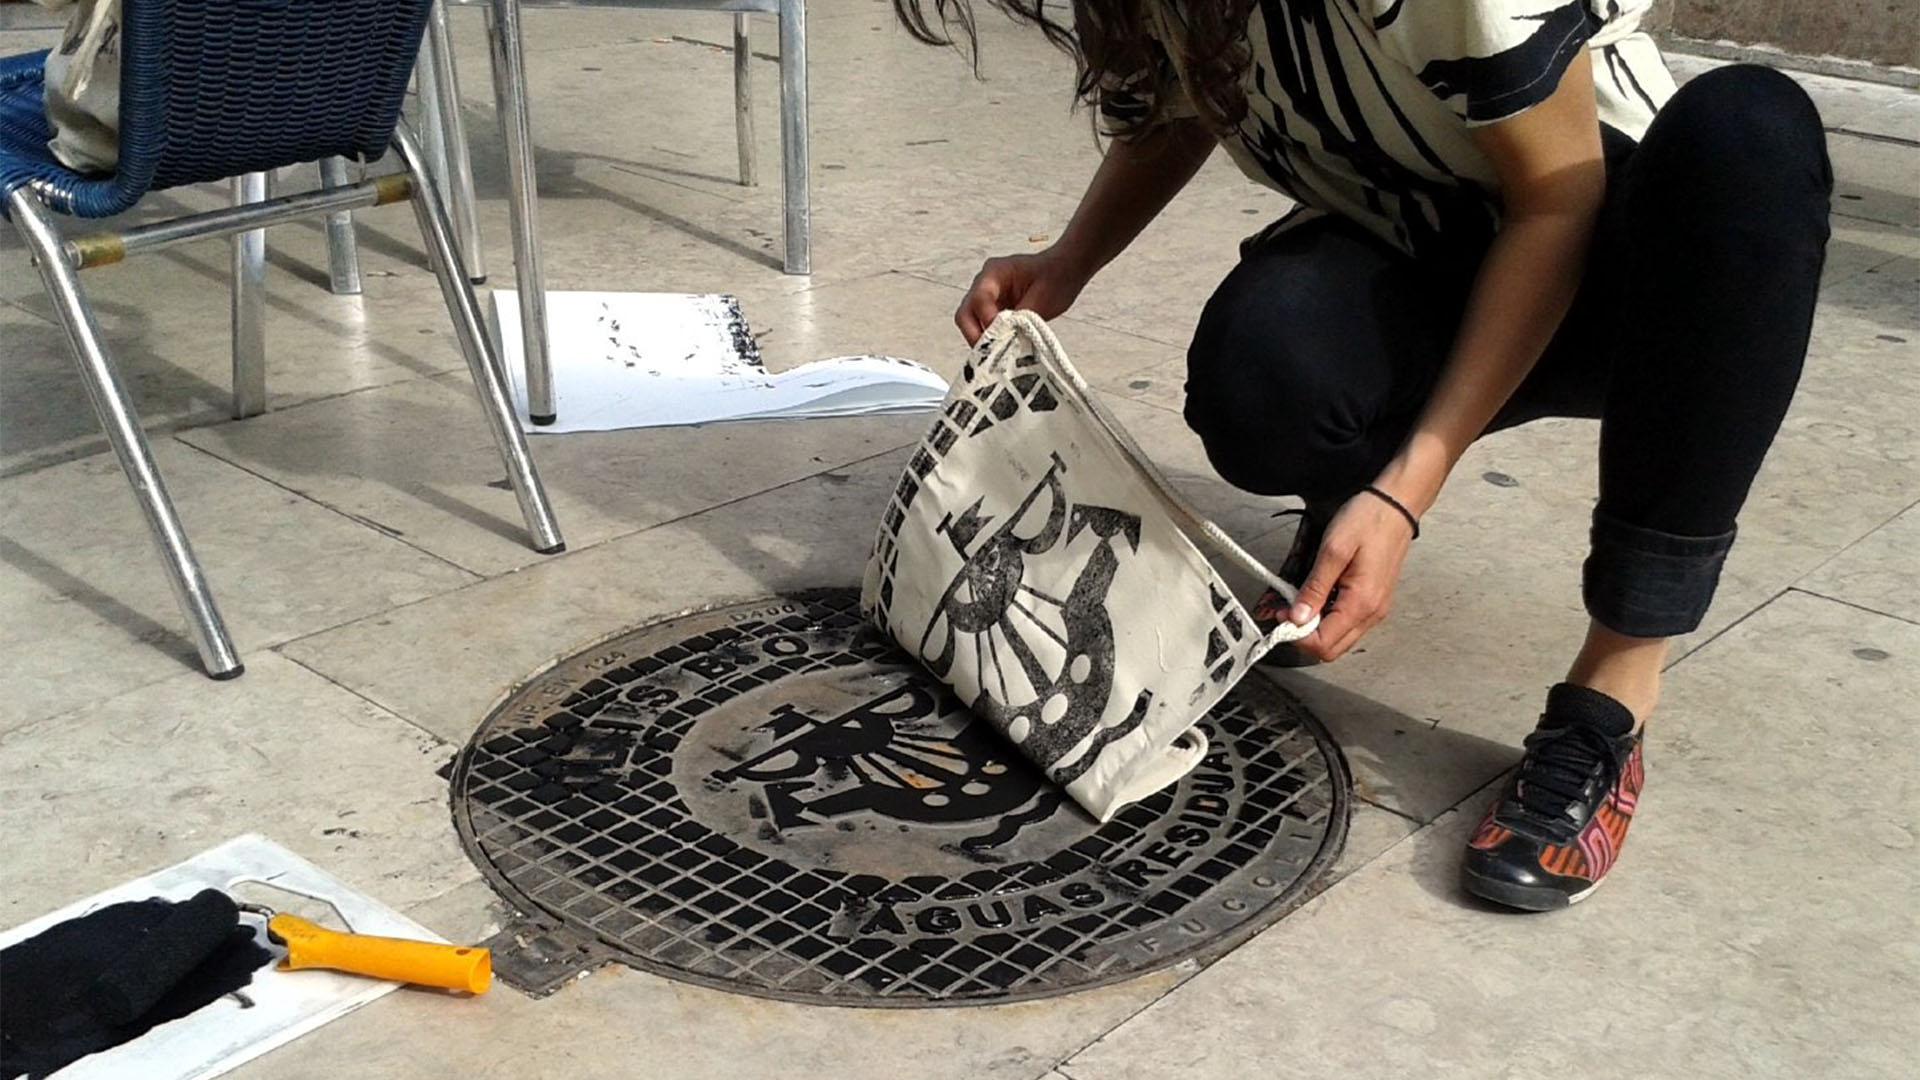 Das Urban-Wear-Label Raubdruckerin bedruckt Kleidung mithilfe von reliefartigen Oberflächen, die in Metropolen zu finden sin